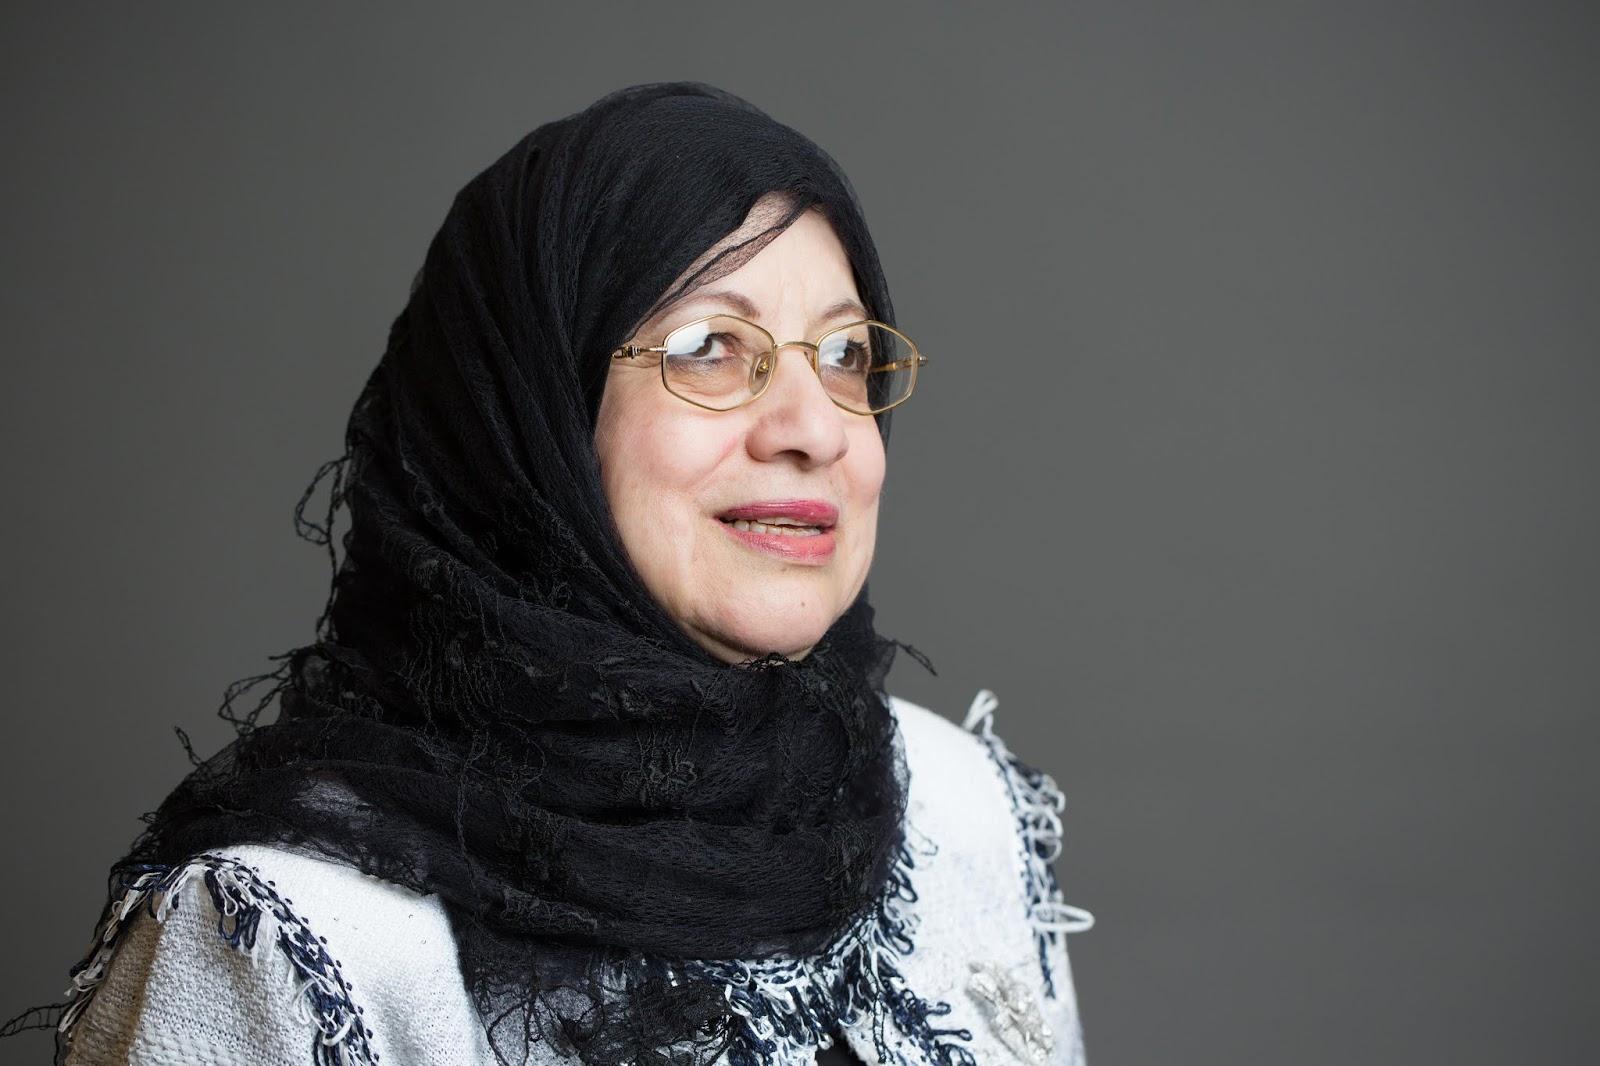 الحجاب واللباس والزينة في مناهجنا الدراسية(2)